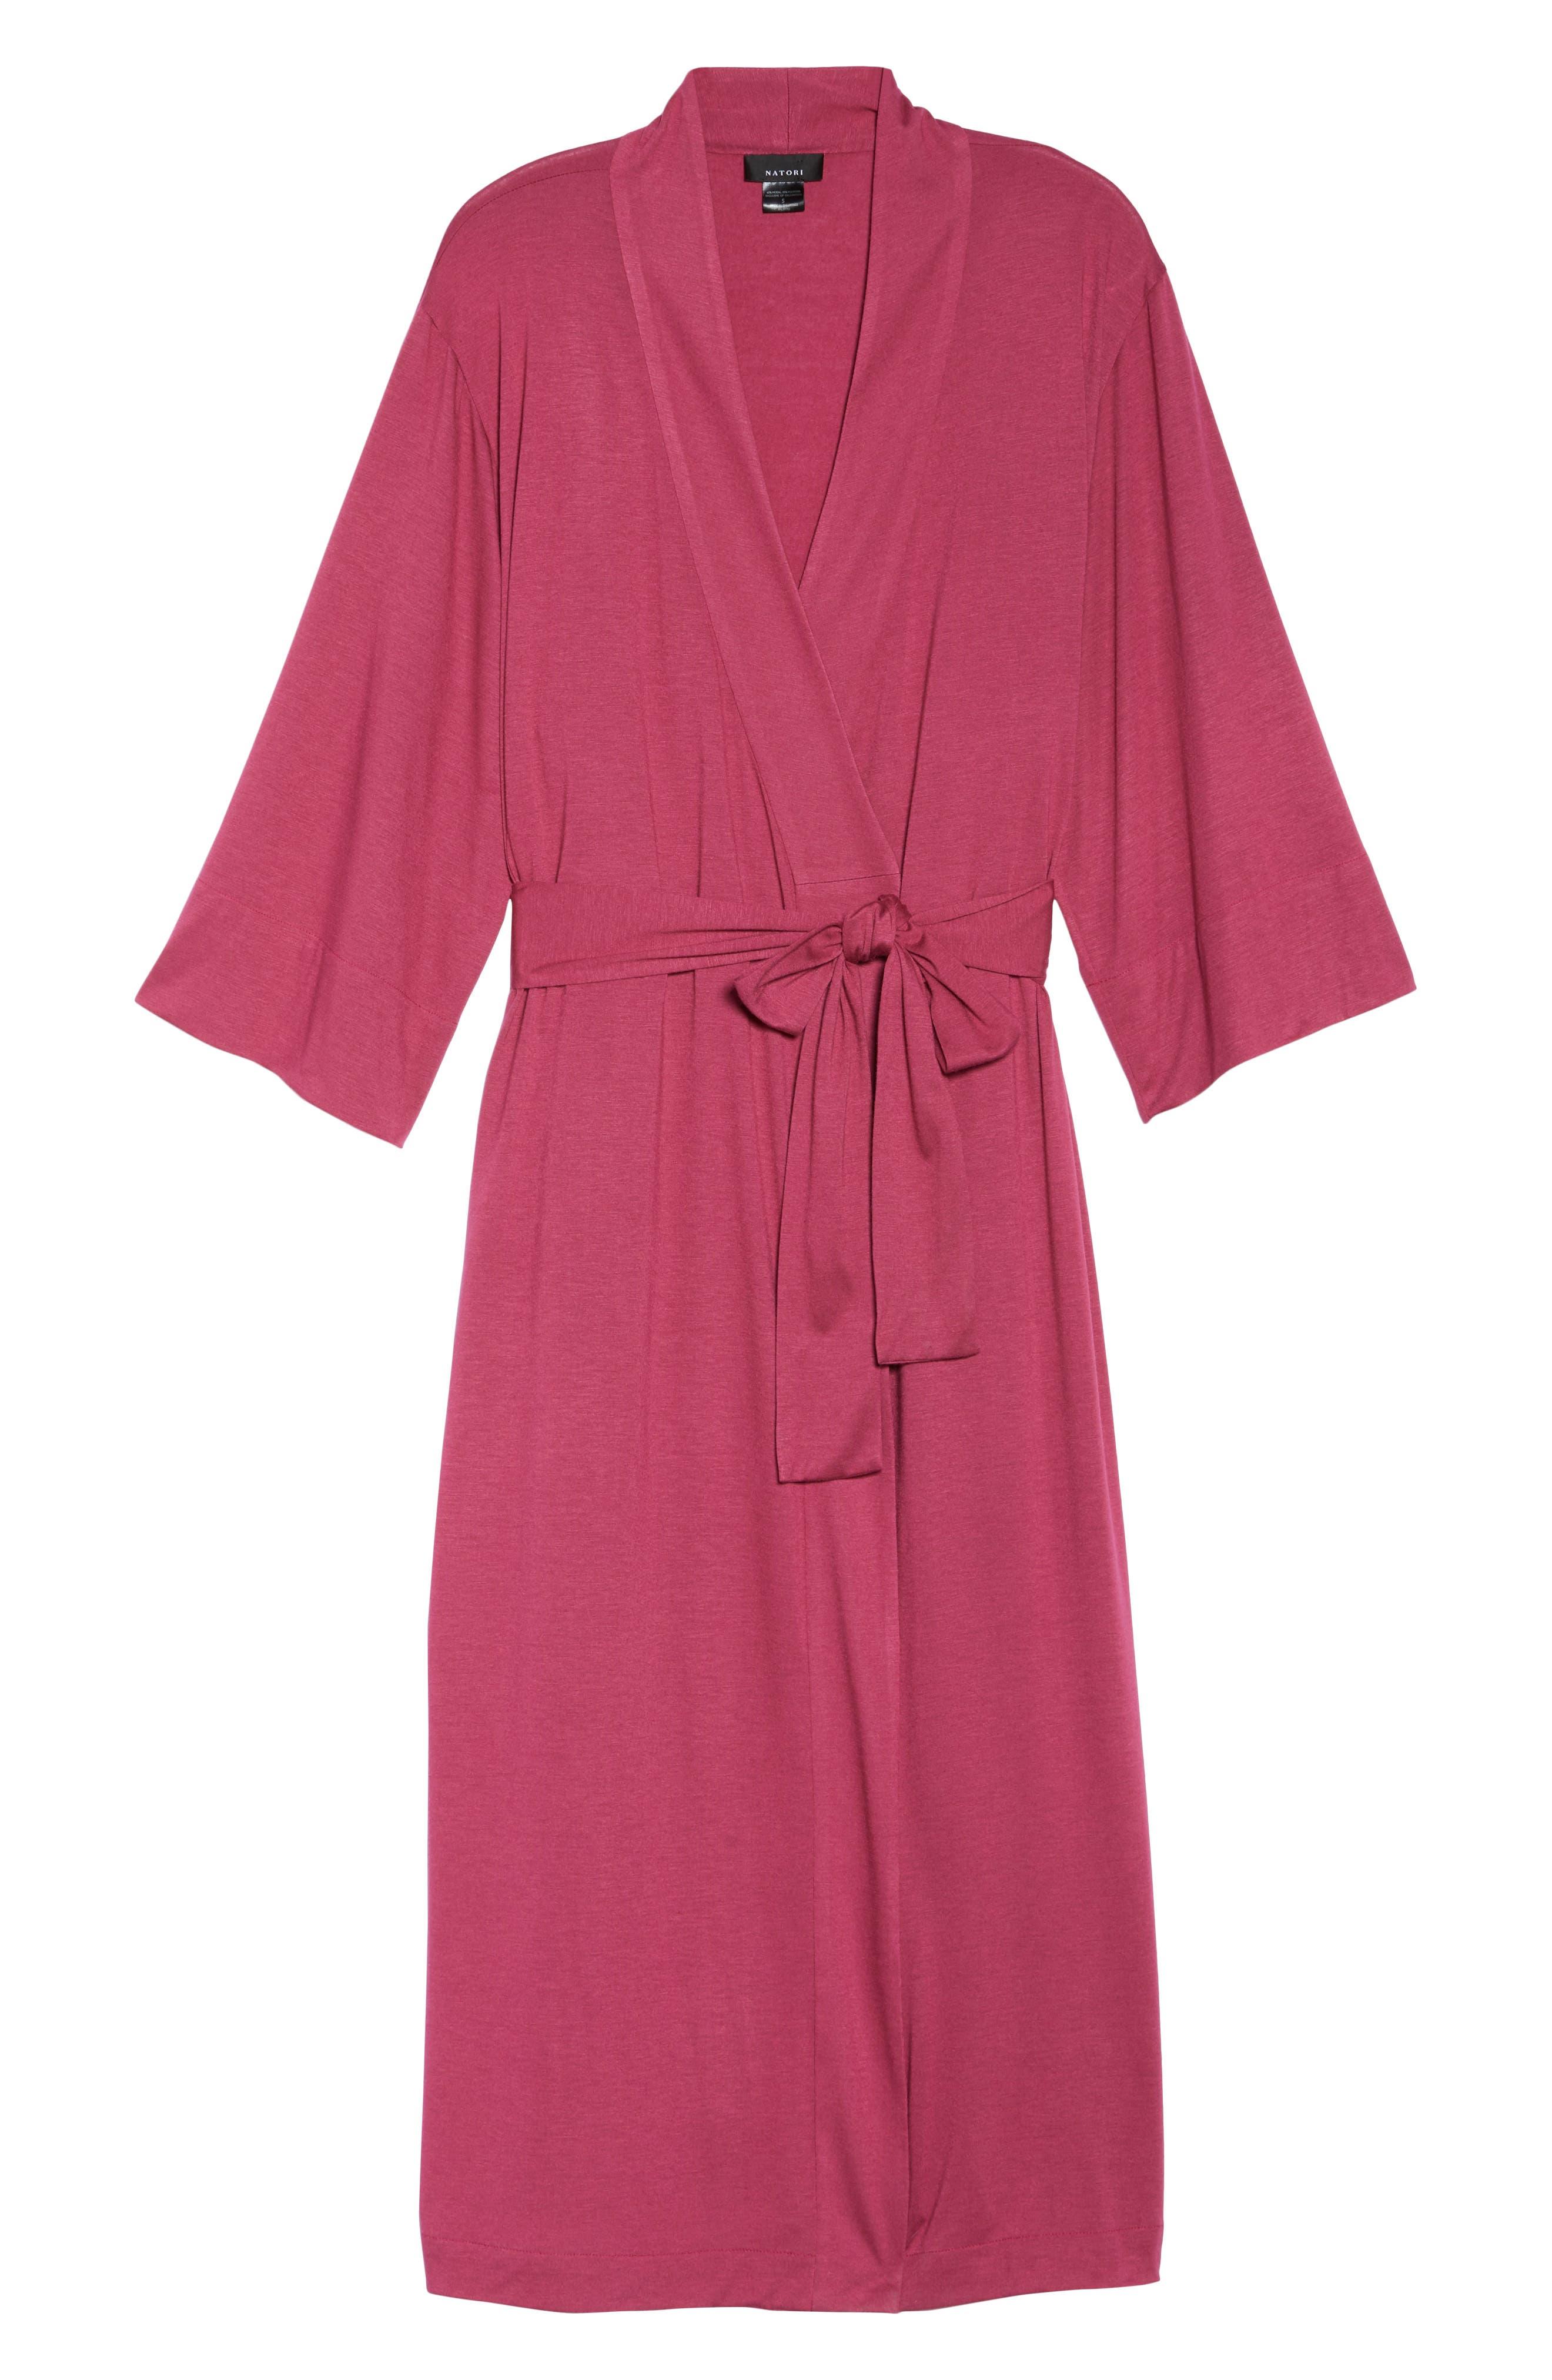 'Shangri-La' Robe,                             Alternate thumbnail 6, color,                             RUB RUBY